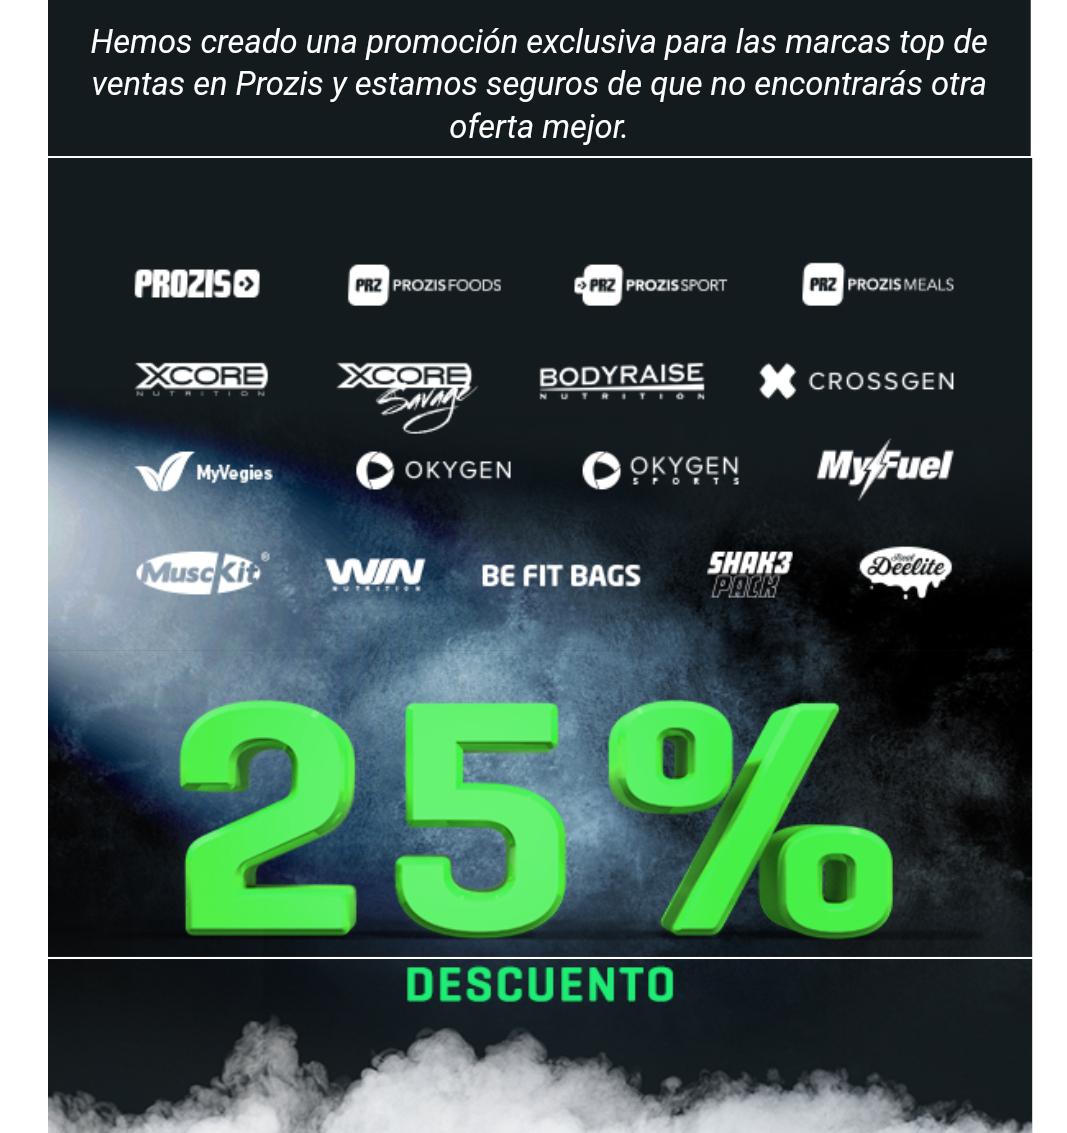 PROZIS: 25% descuento en marcas selecionadas